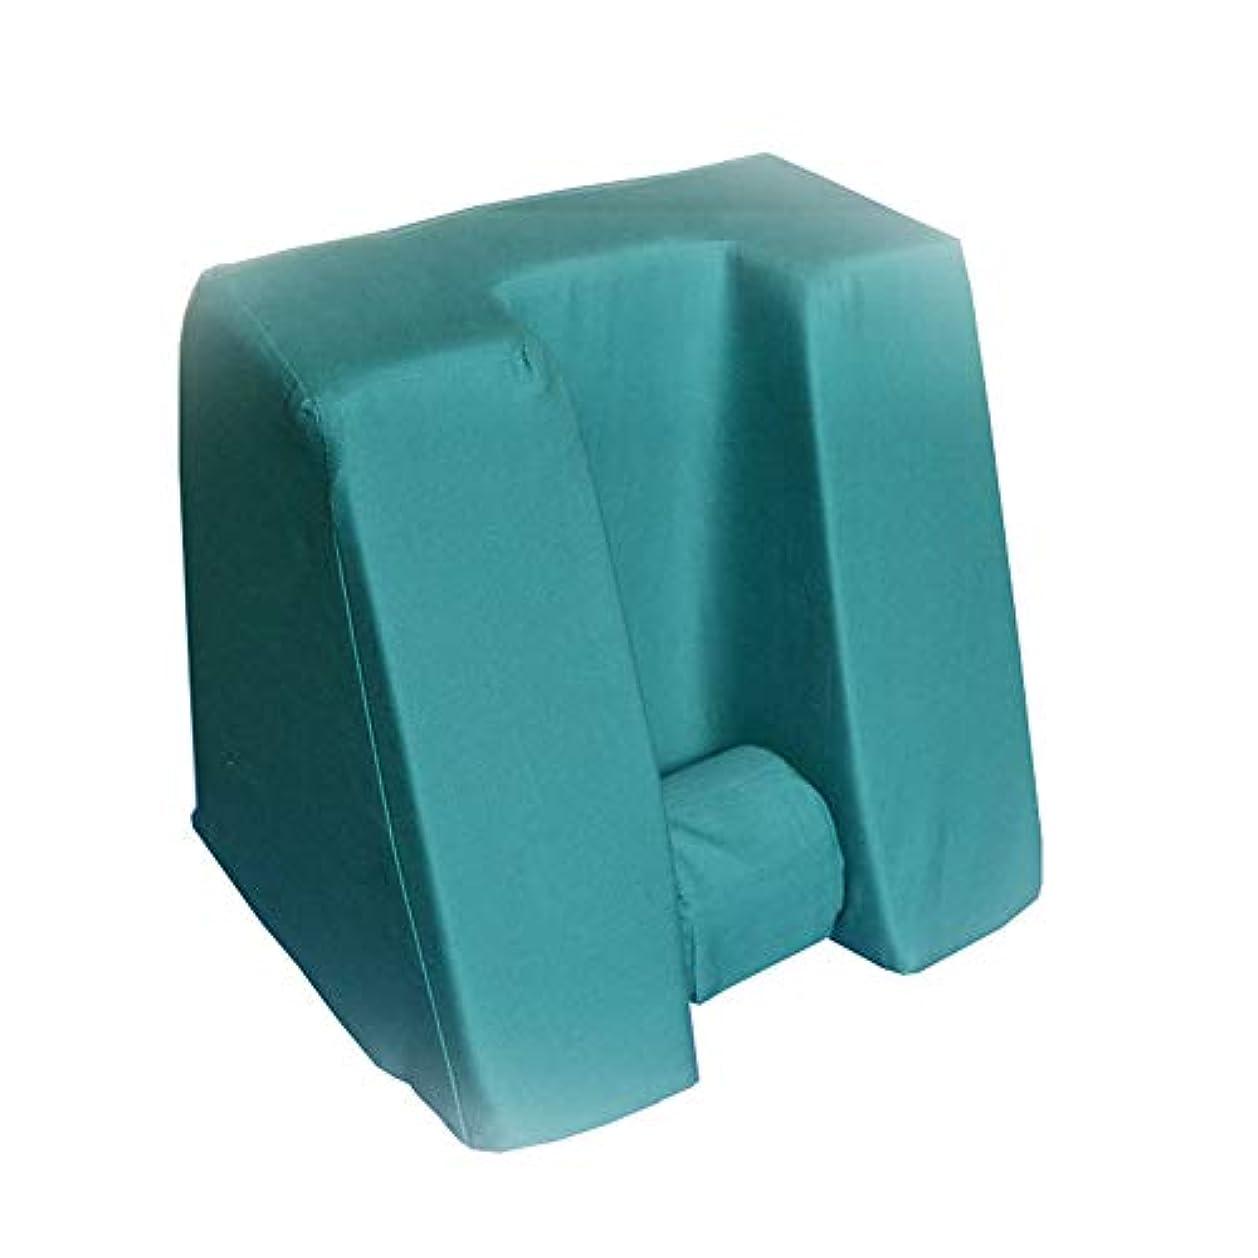 足垂れ器具、かかと足変形器、反内側、外側回転